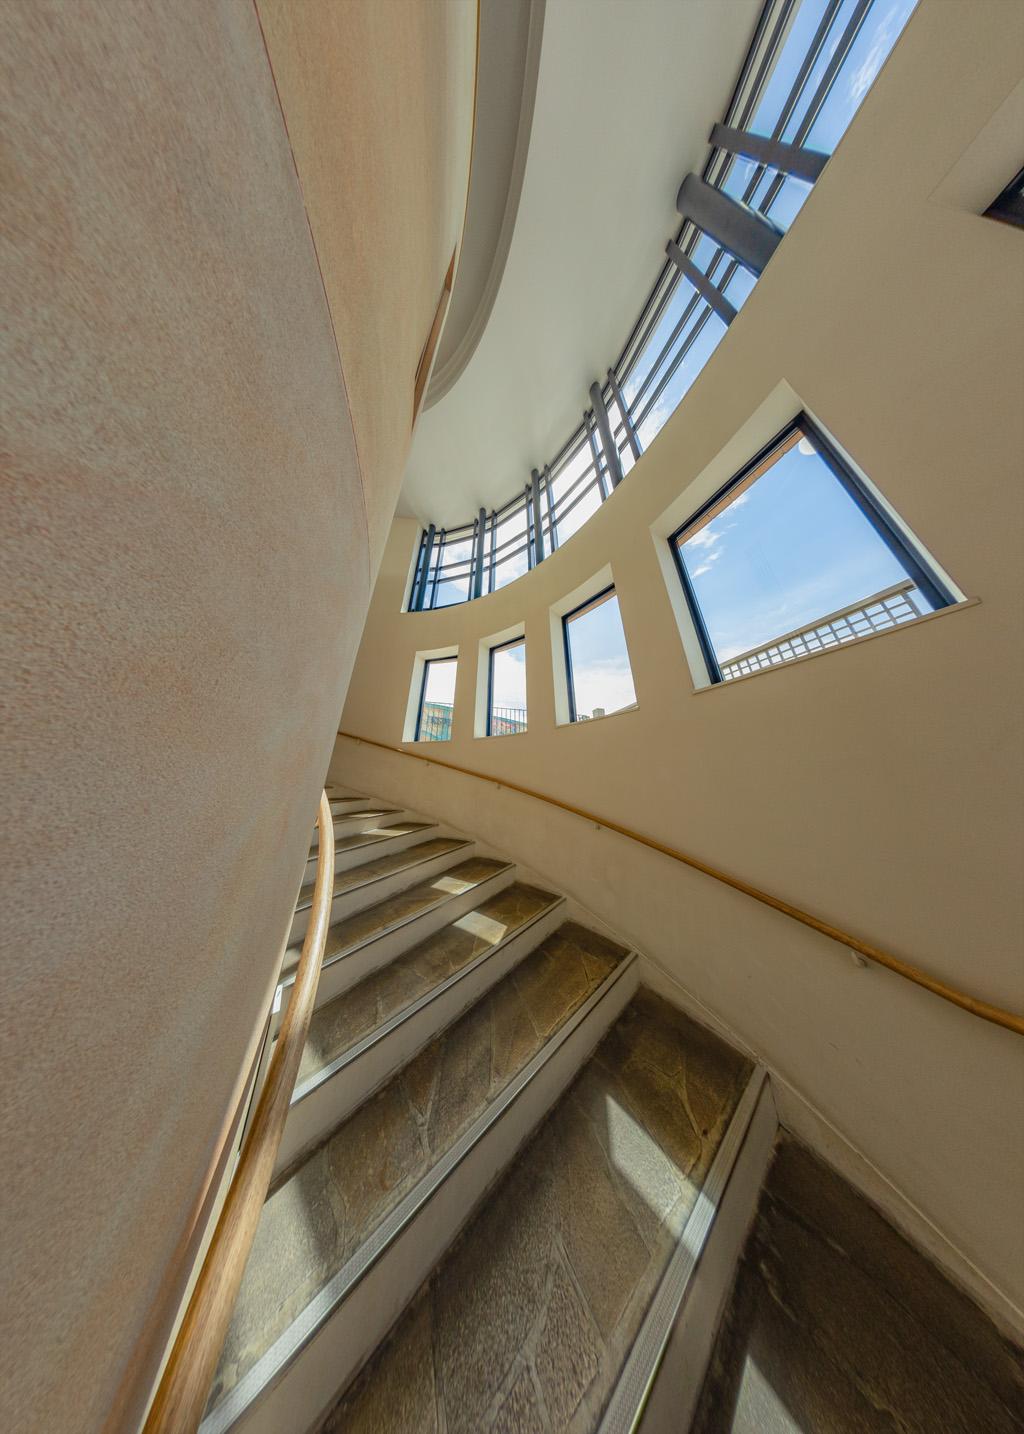 オフィシャルへの階段(東京ディズニーリゾート・ウェルカムセンター)